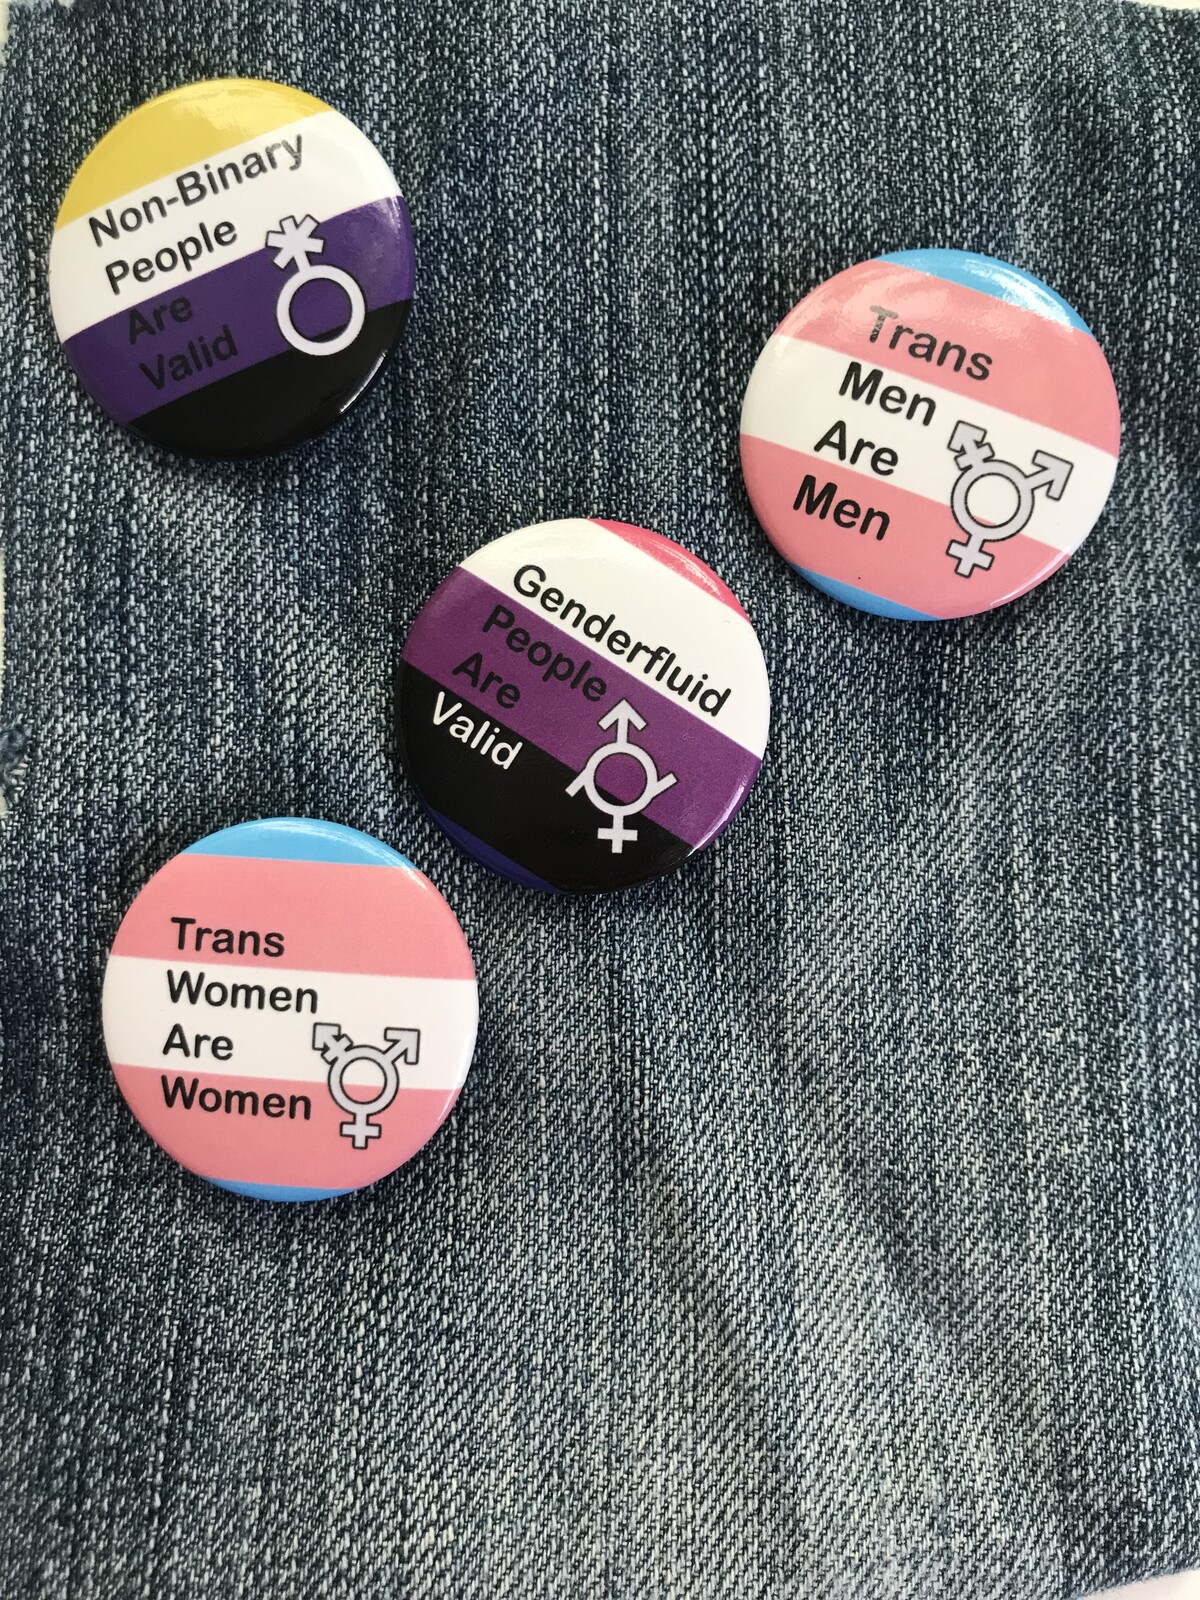 Trans/GNC-positive button designs.